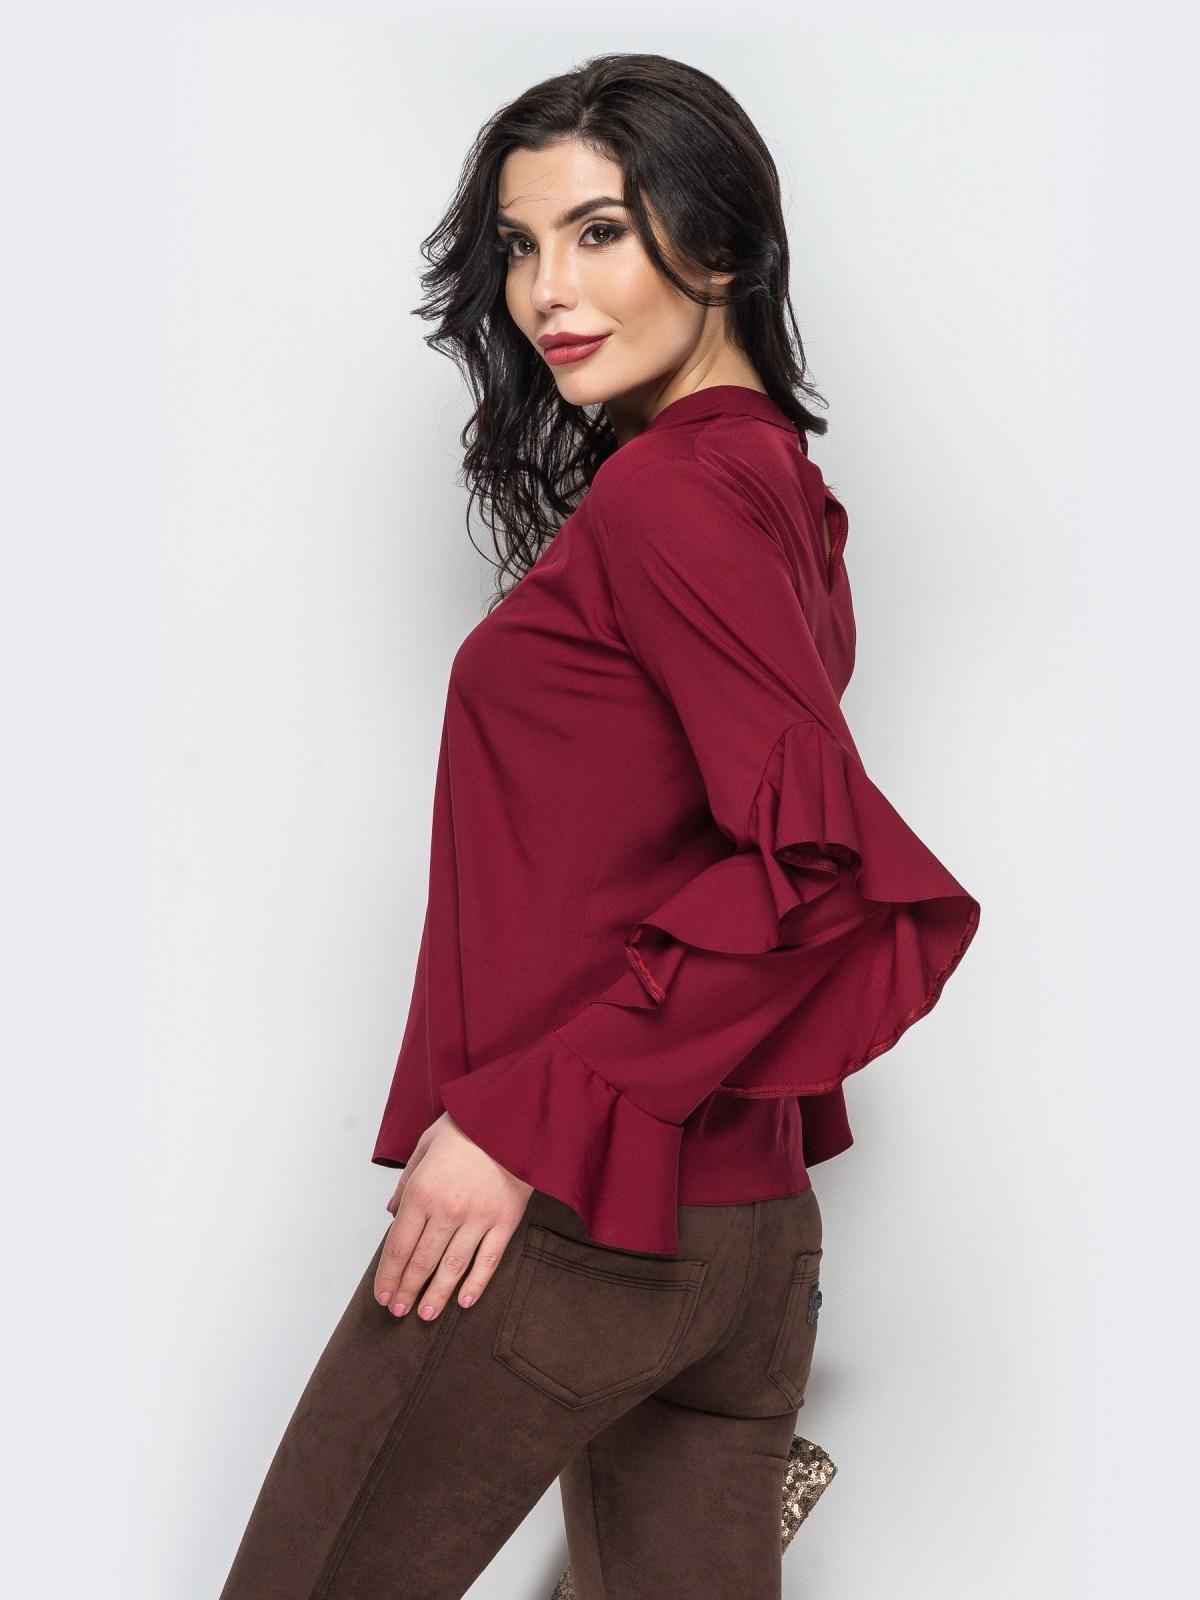 мода весна лето 2018 для женщин 30 лет: бордовая блузка рукав с рюшами